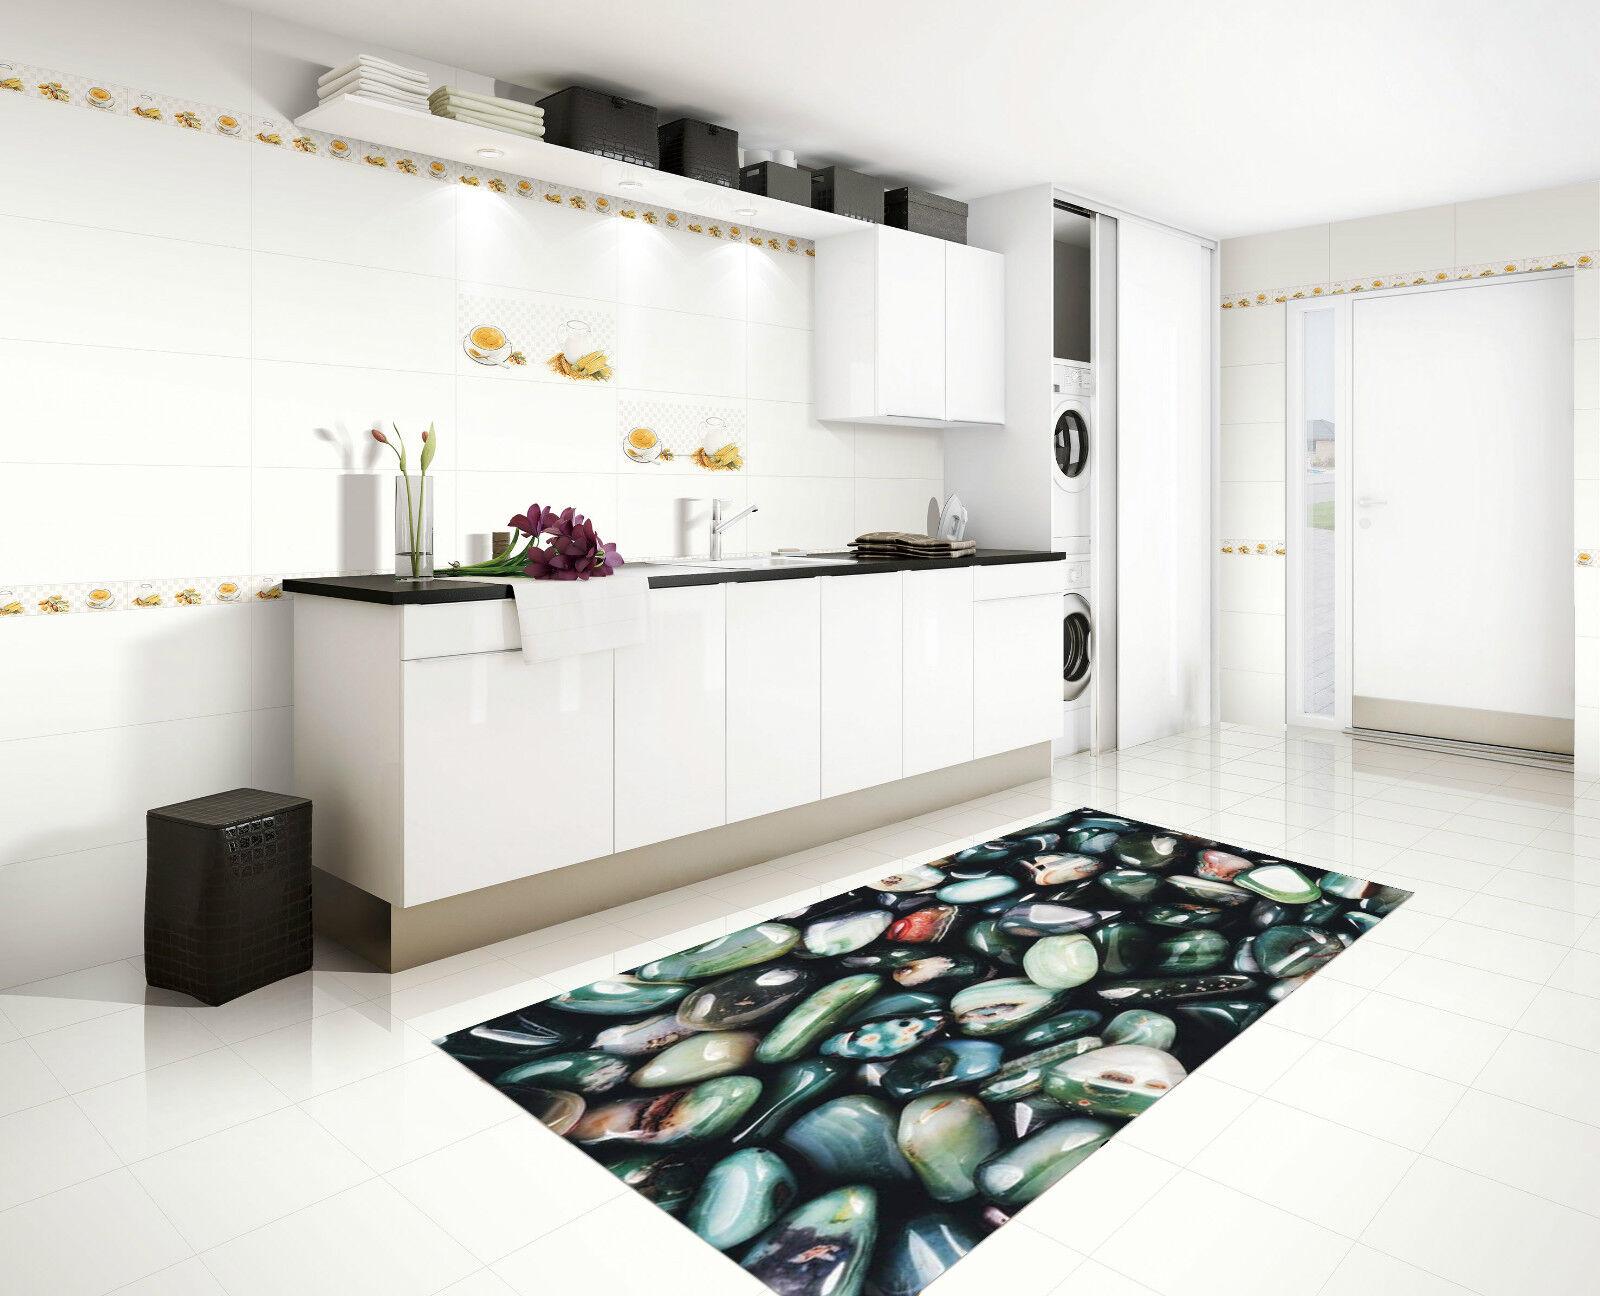 3D Shiny Stones 57 Kitchen Mat Floor MuralsWall Print Wall Deco AJ WALLPAPER CA